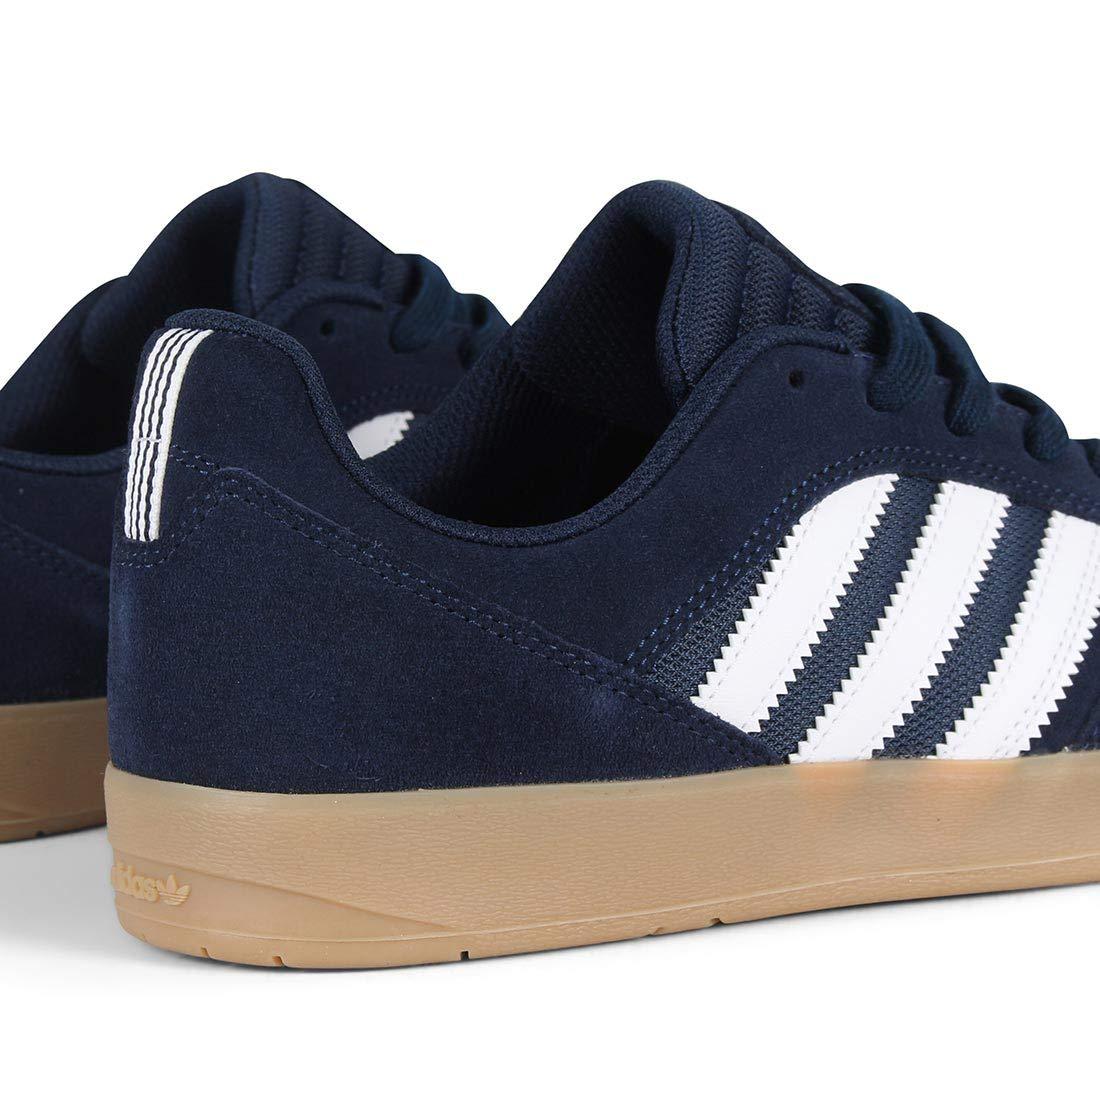 classic fit 23b93 b2746 ... Adidas Suciu ADV II, Scarpe Scarpe Scarpe da Skateboard Uomo B07J6MC6VG  Parent   Intelligente e ...